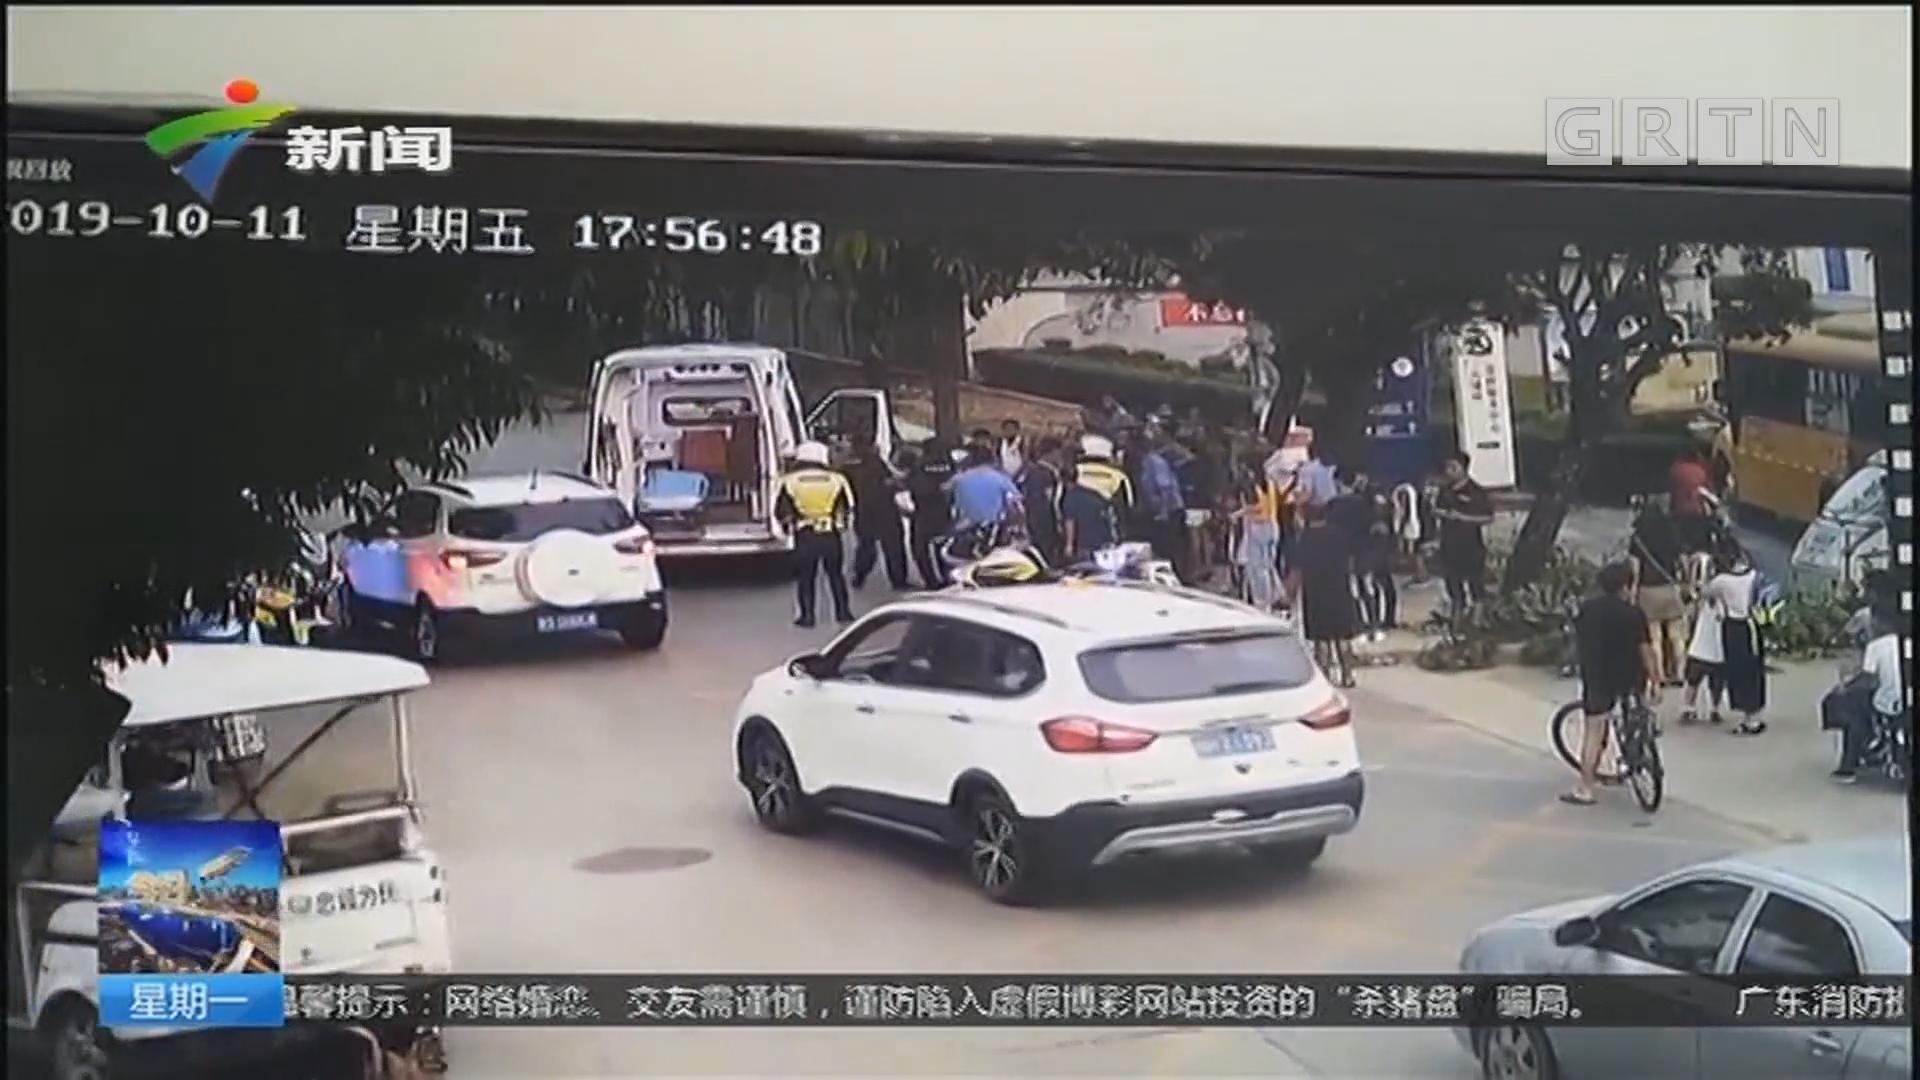 东莞清溪:小学生横穿马路被撞 幸无生命危险